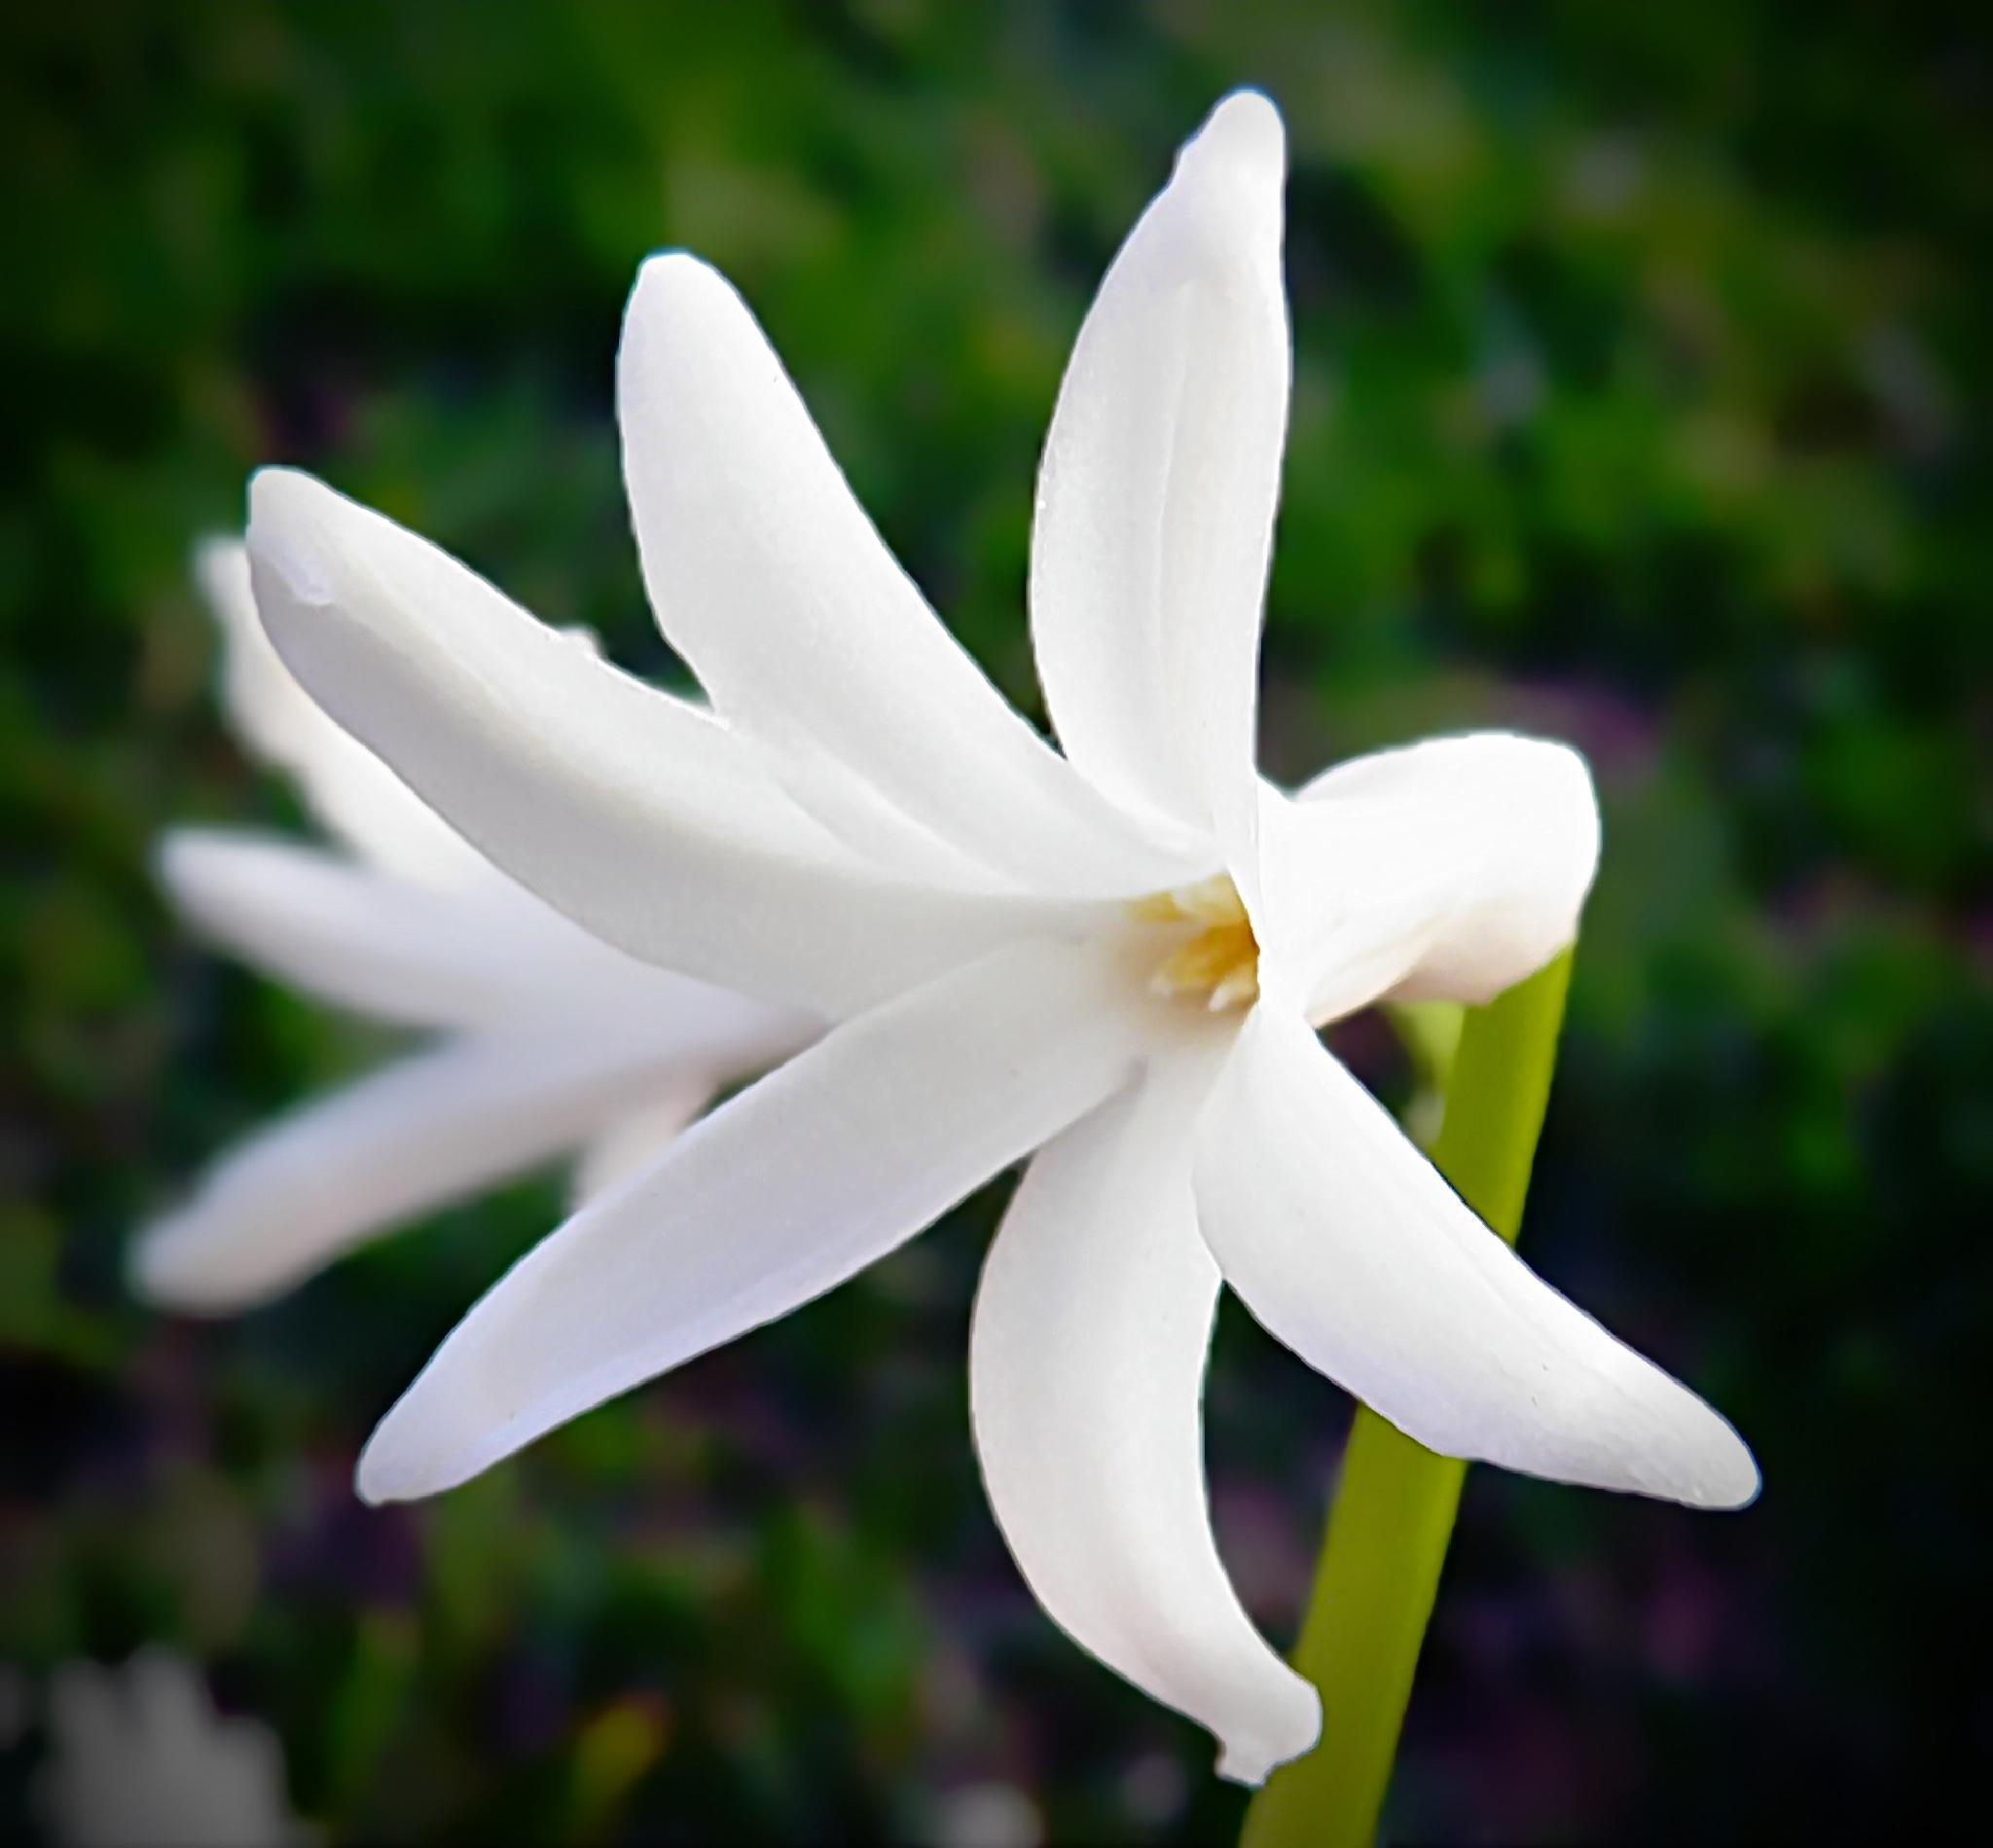 Hyacinth Flower by Darlene Eastin